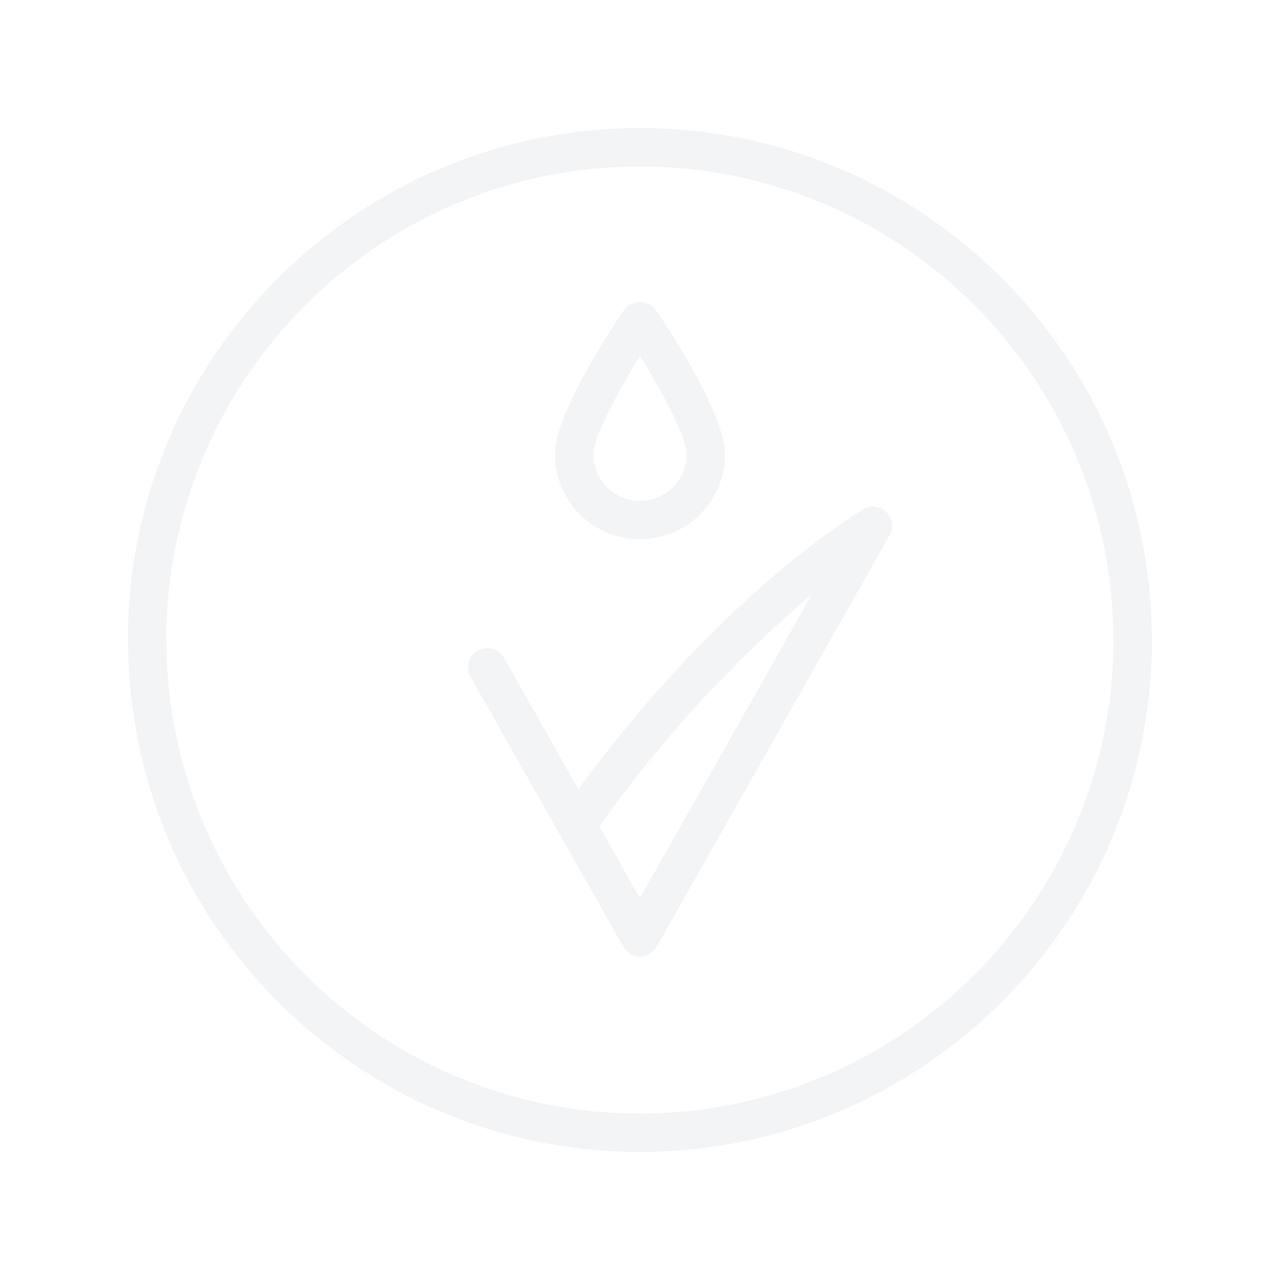 ELIZABETH ARDEN Ceramide Cream Blush No.2 Pink 2.67g